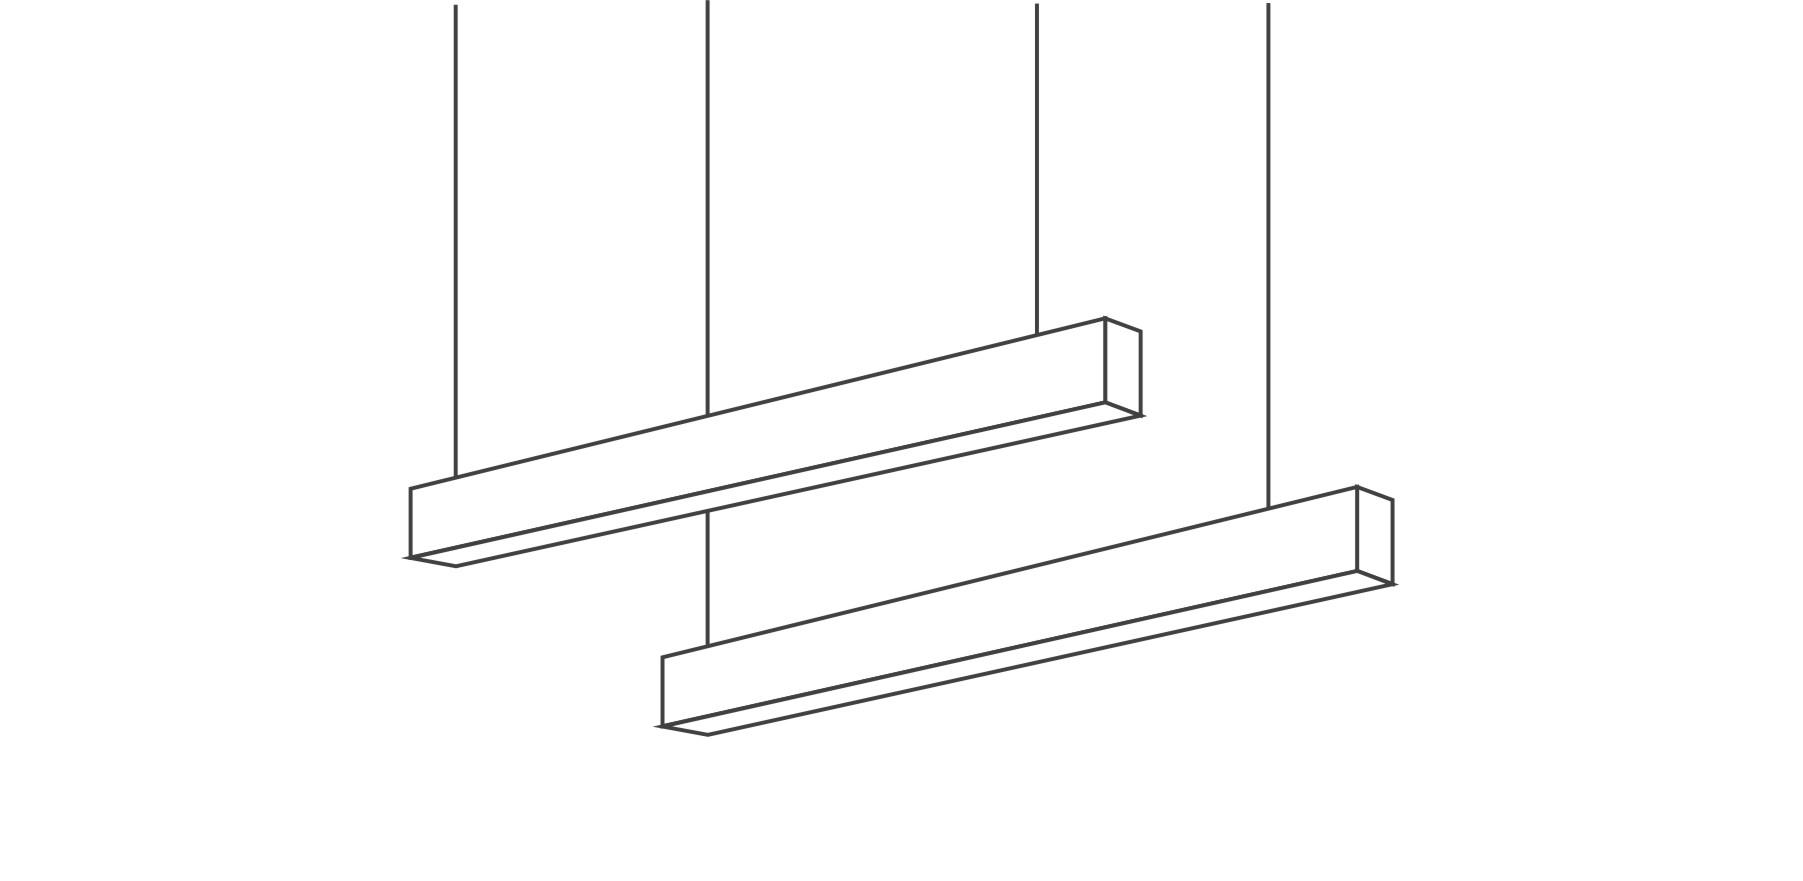 線條燈系列